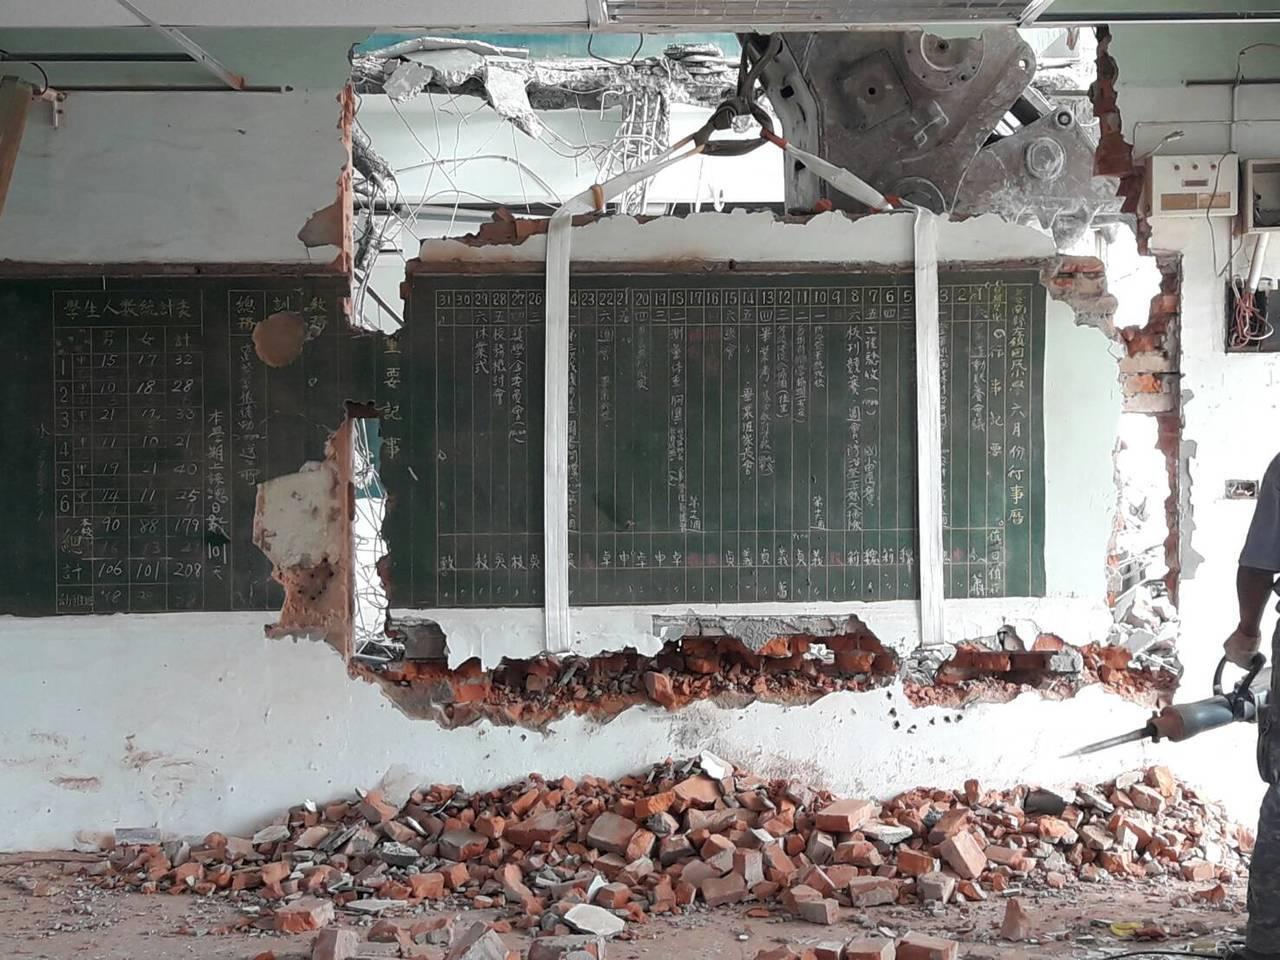 台南左鎮國小今天拆除「黑板牆」,工人先將行事曆部分牆面鑽開,一有不慎磚塊就會粉碎...